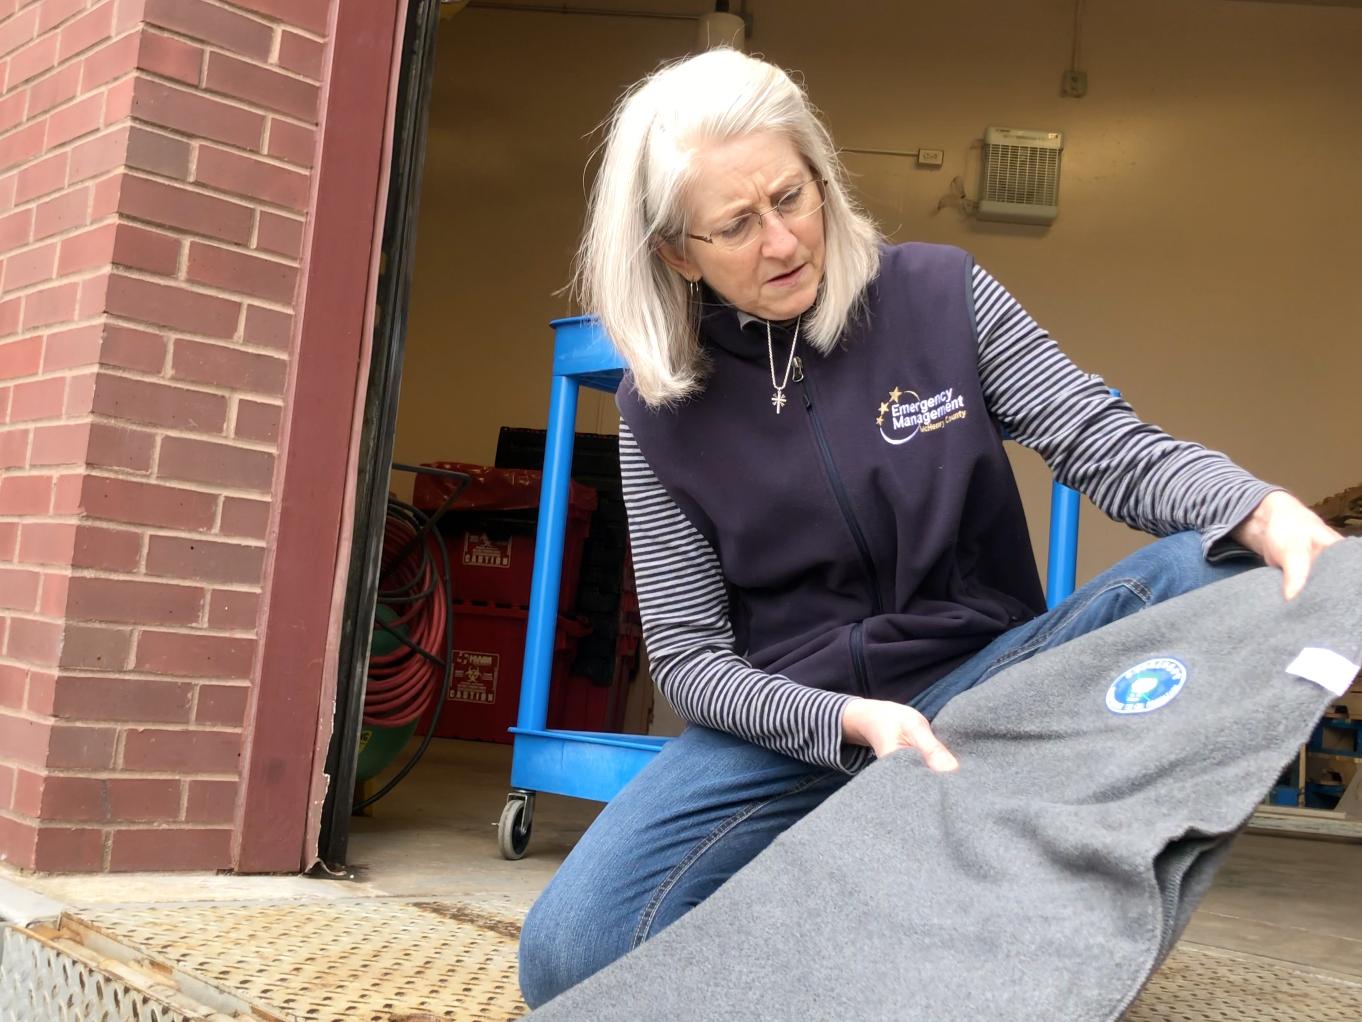 Los voluntarios explicaron la historia detrás de la fabricación de las mantas ecológicas DA.AI, y el representante se sorprendió al saber cuánto amor entra en una sola manta. [Foto: Yue Ma]